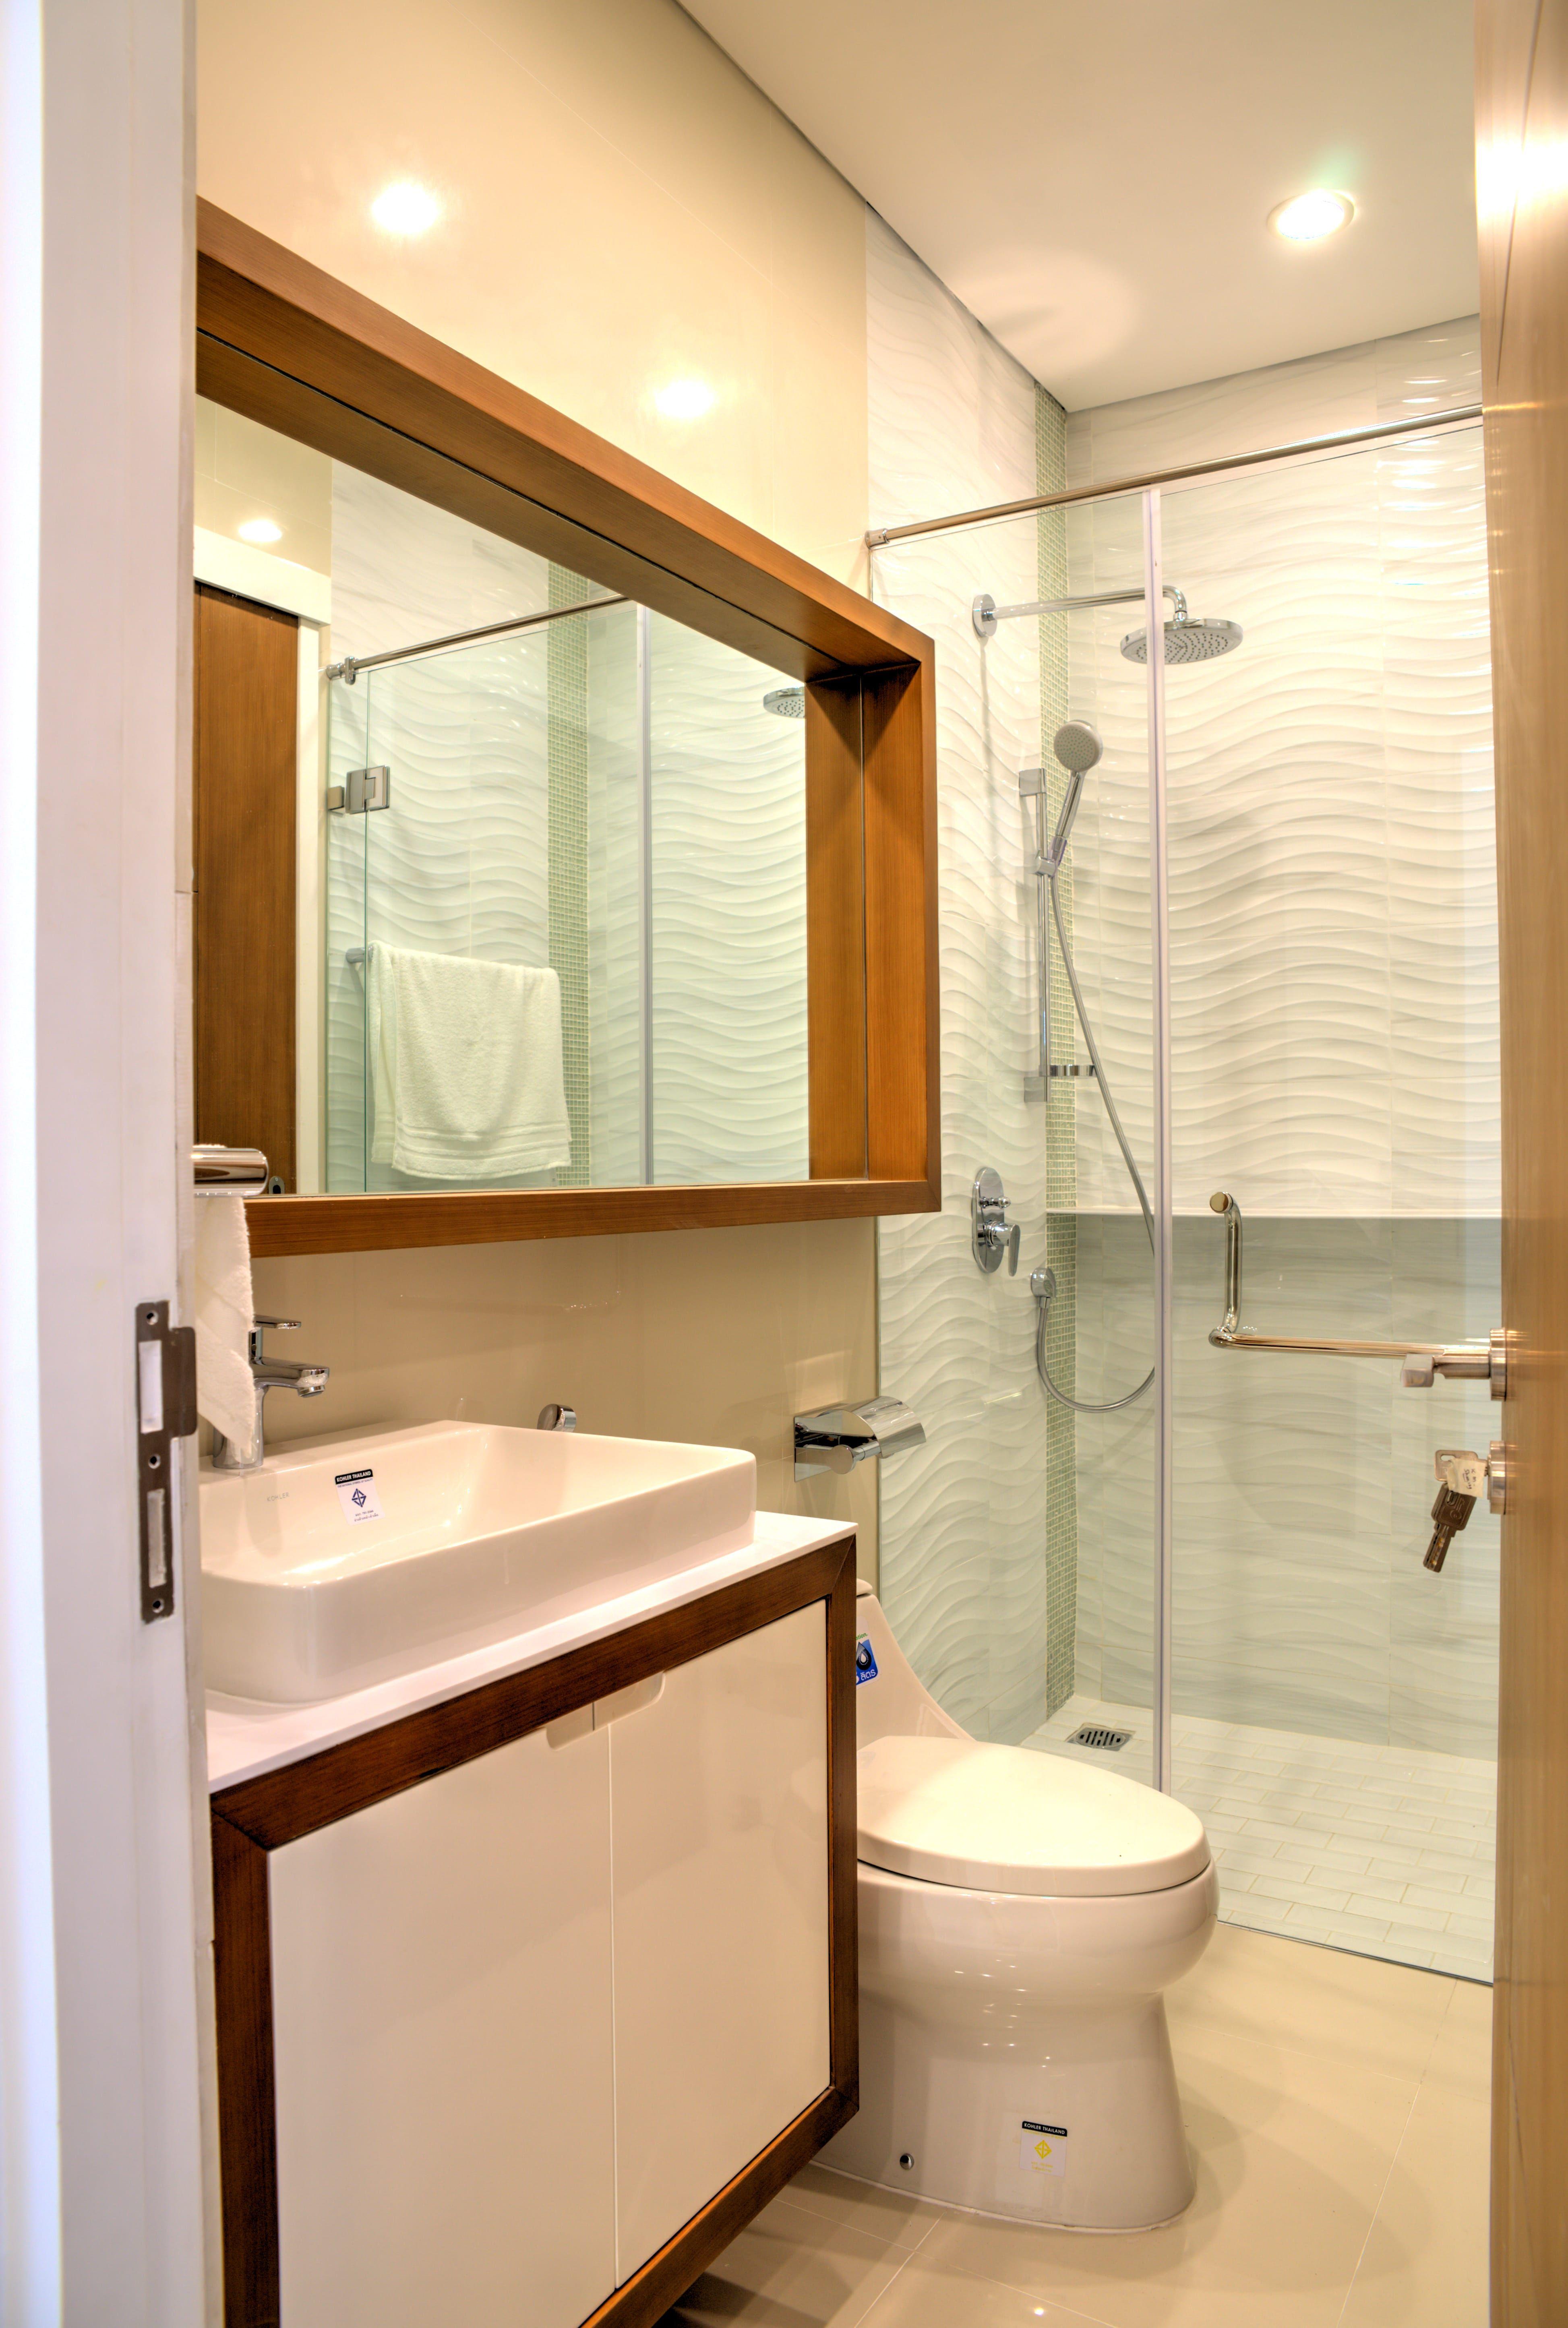 Desain kamar mandi minimalis yang menawan